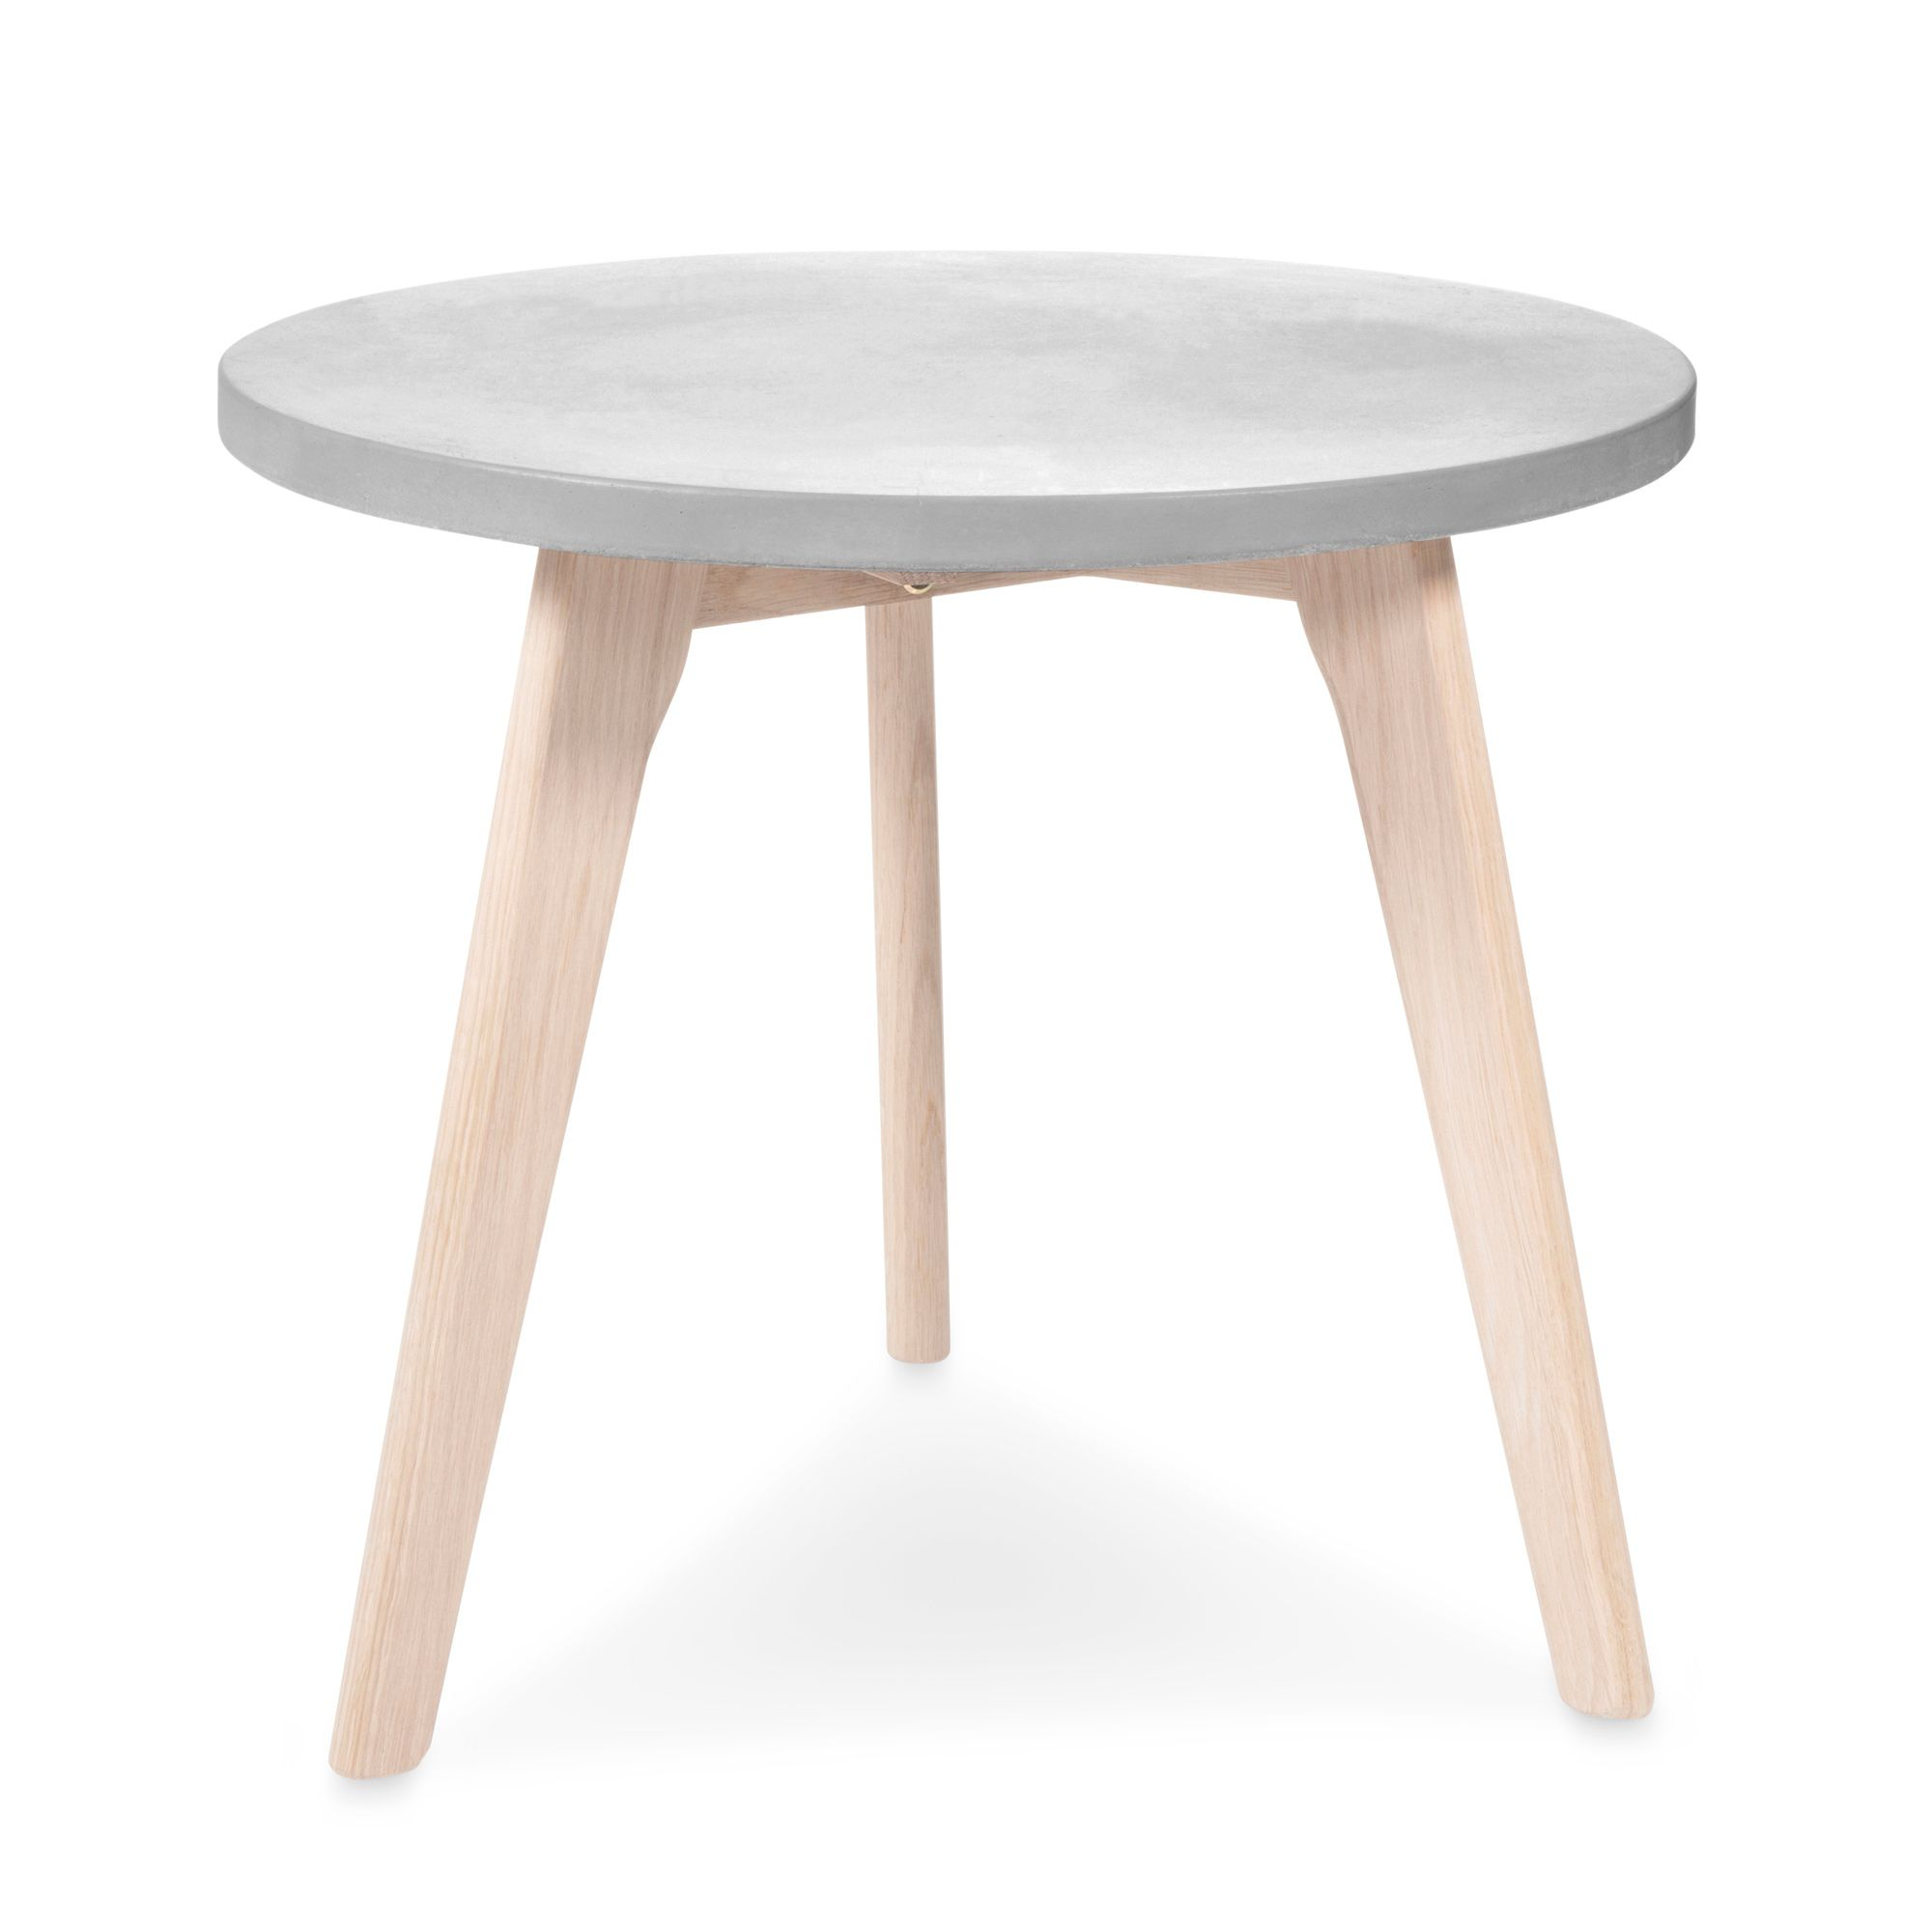 Tavolino in legno e cemento grigio | Bedroom | Pinterest | Tavolini ...